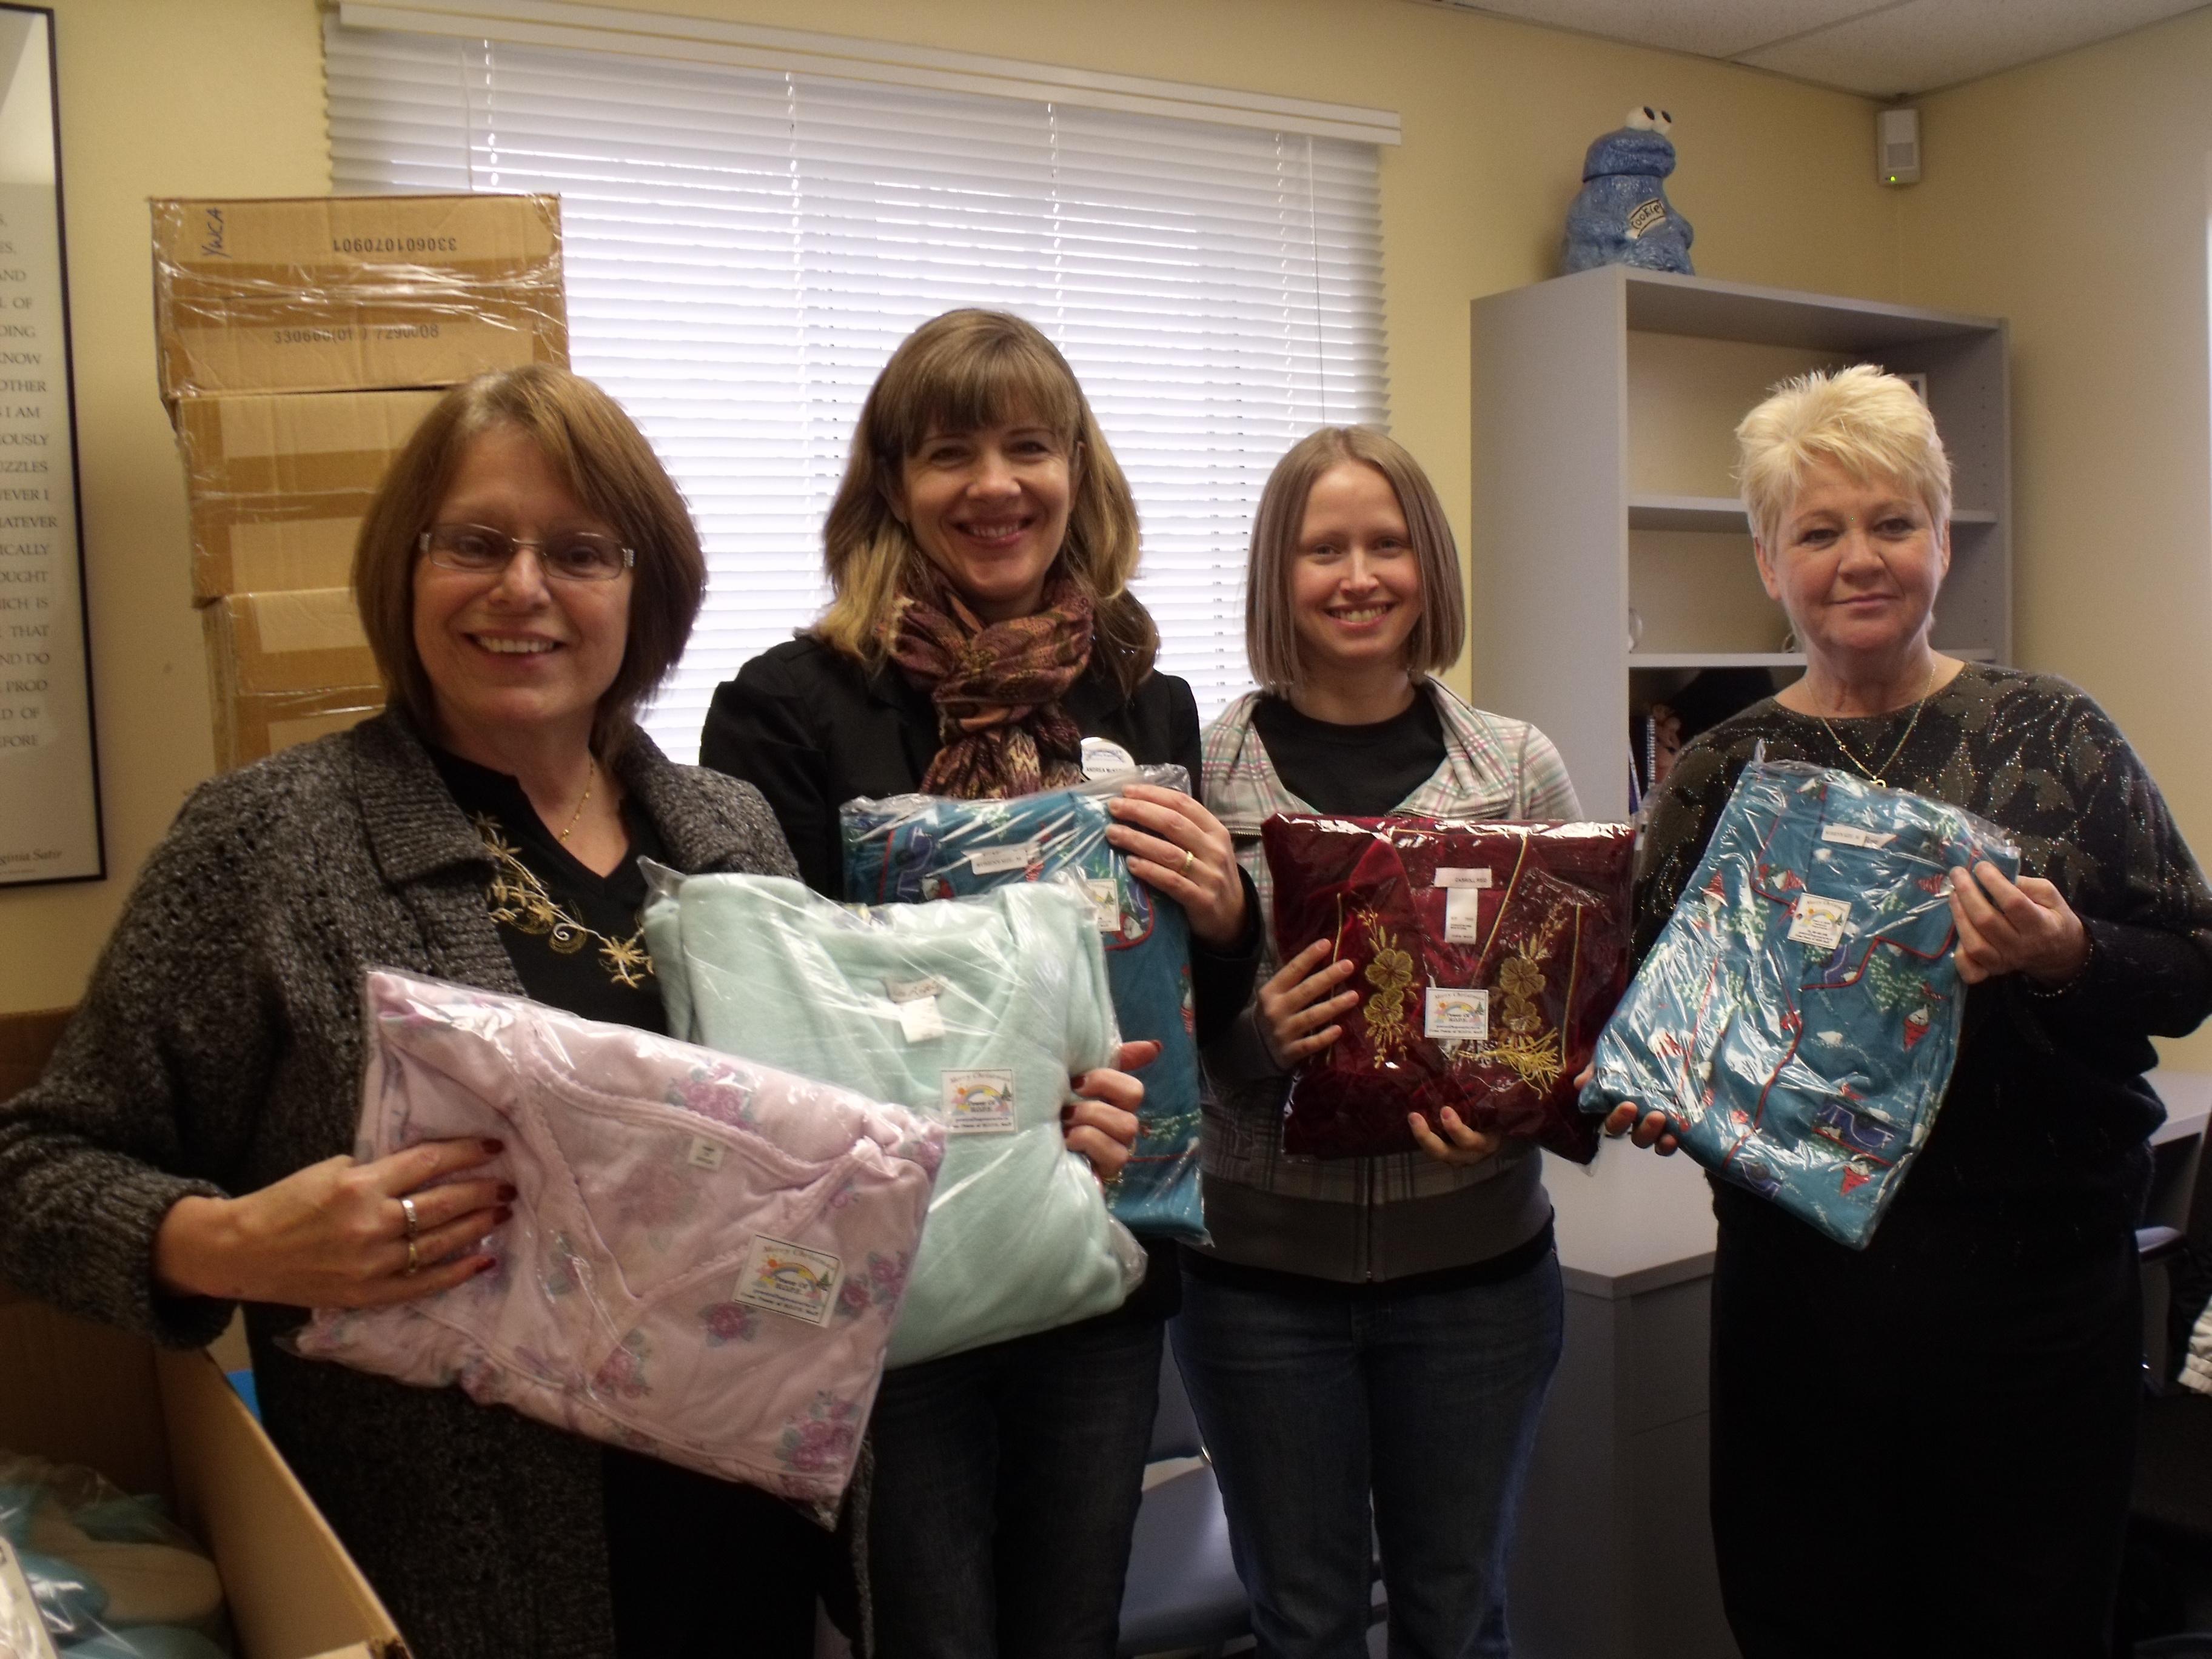 Ladies-from-the-YWCA.jpg